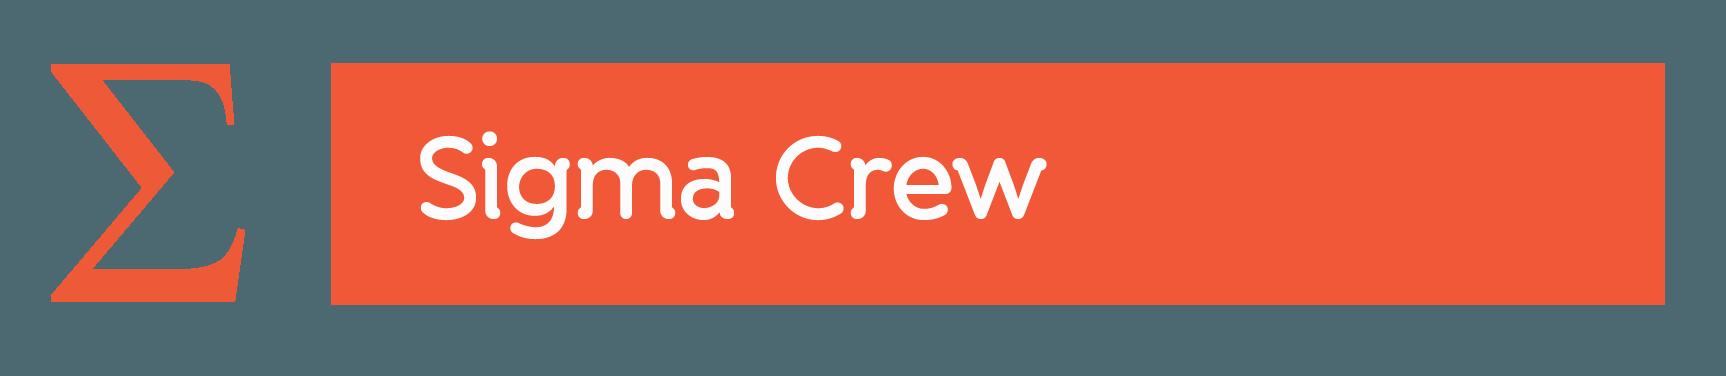 Sigma Crew